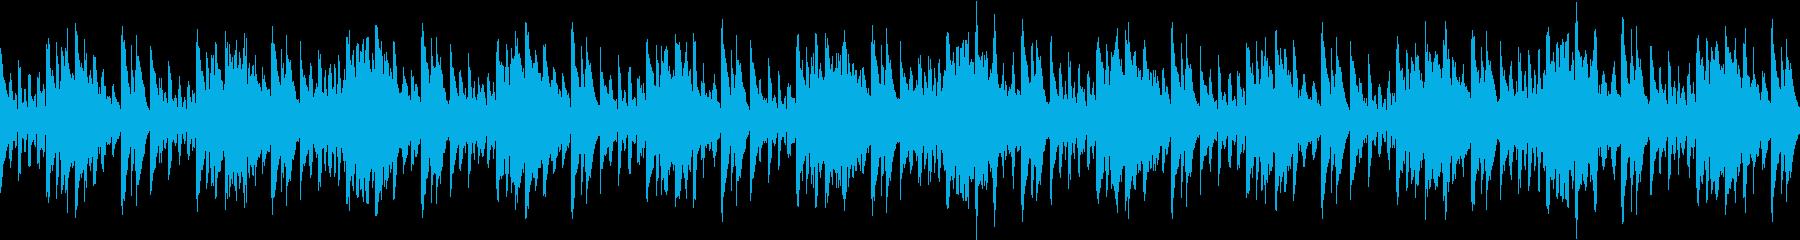 癒しの雰囲気のBGMの再生済みの波形